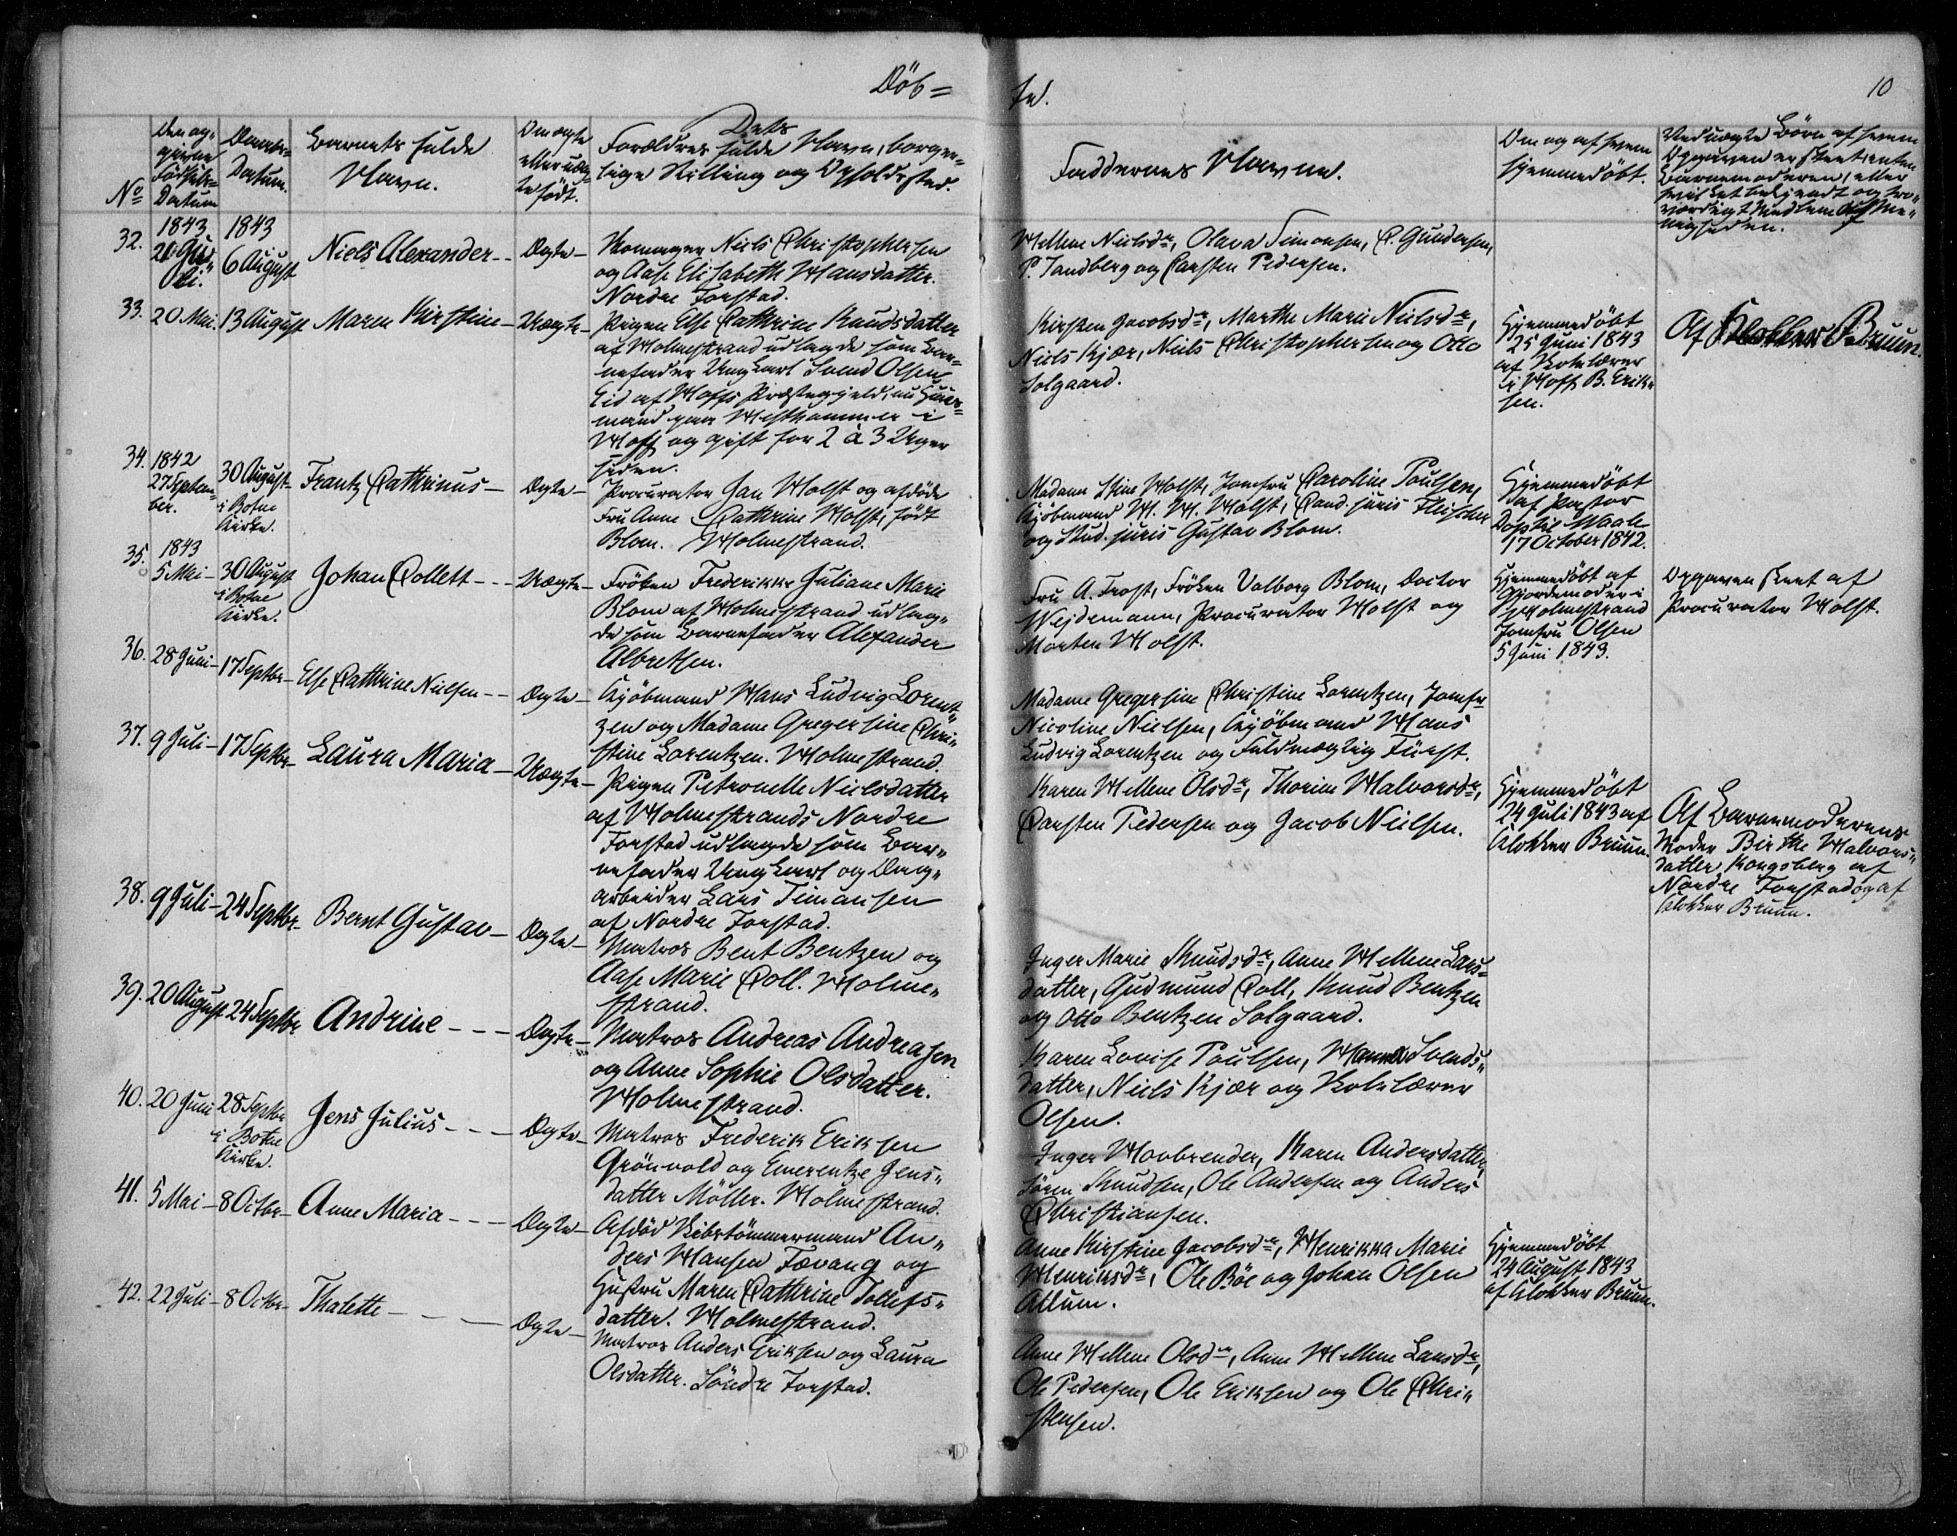 SAKO, Holmestrand kirkebøker, F/Fa/L0002: Ministerialbok nr. 2, 1840-1866, s. 10